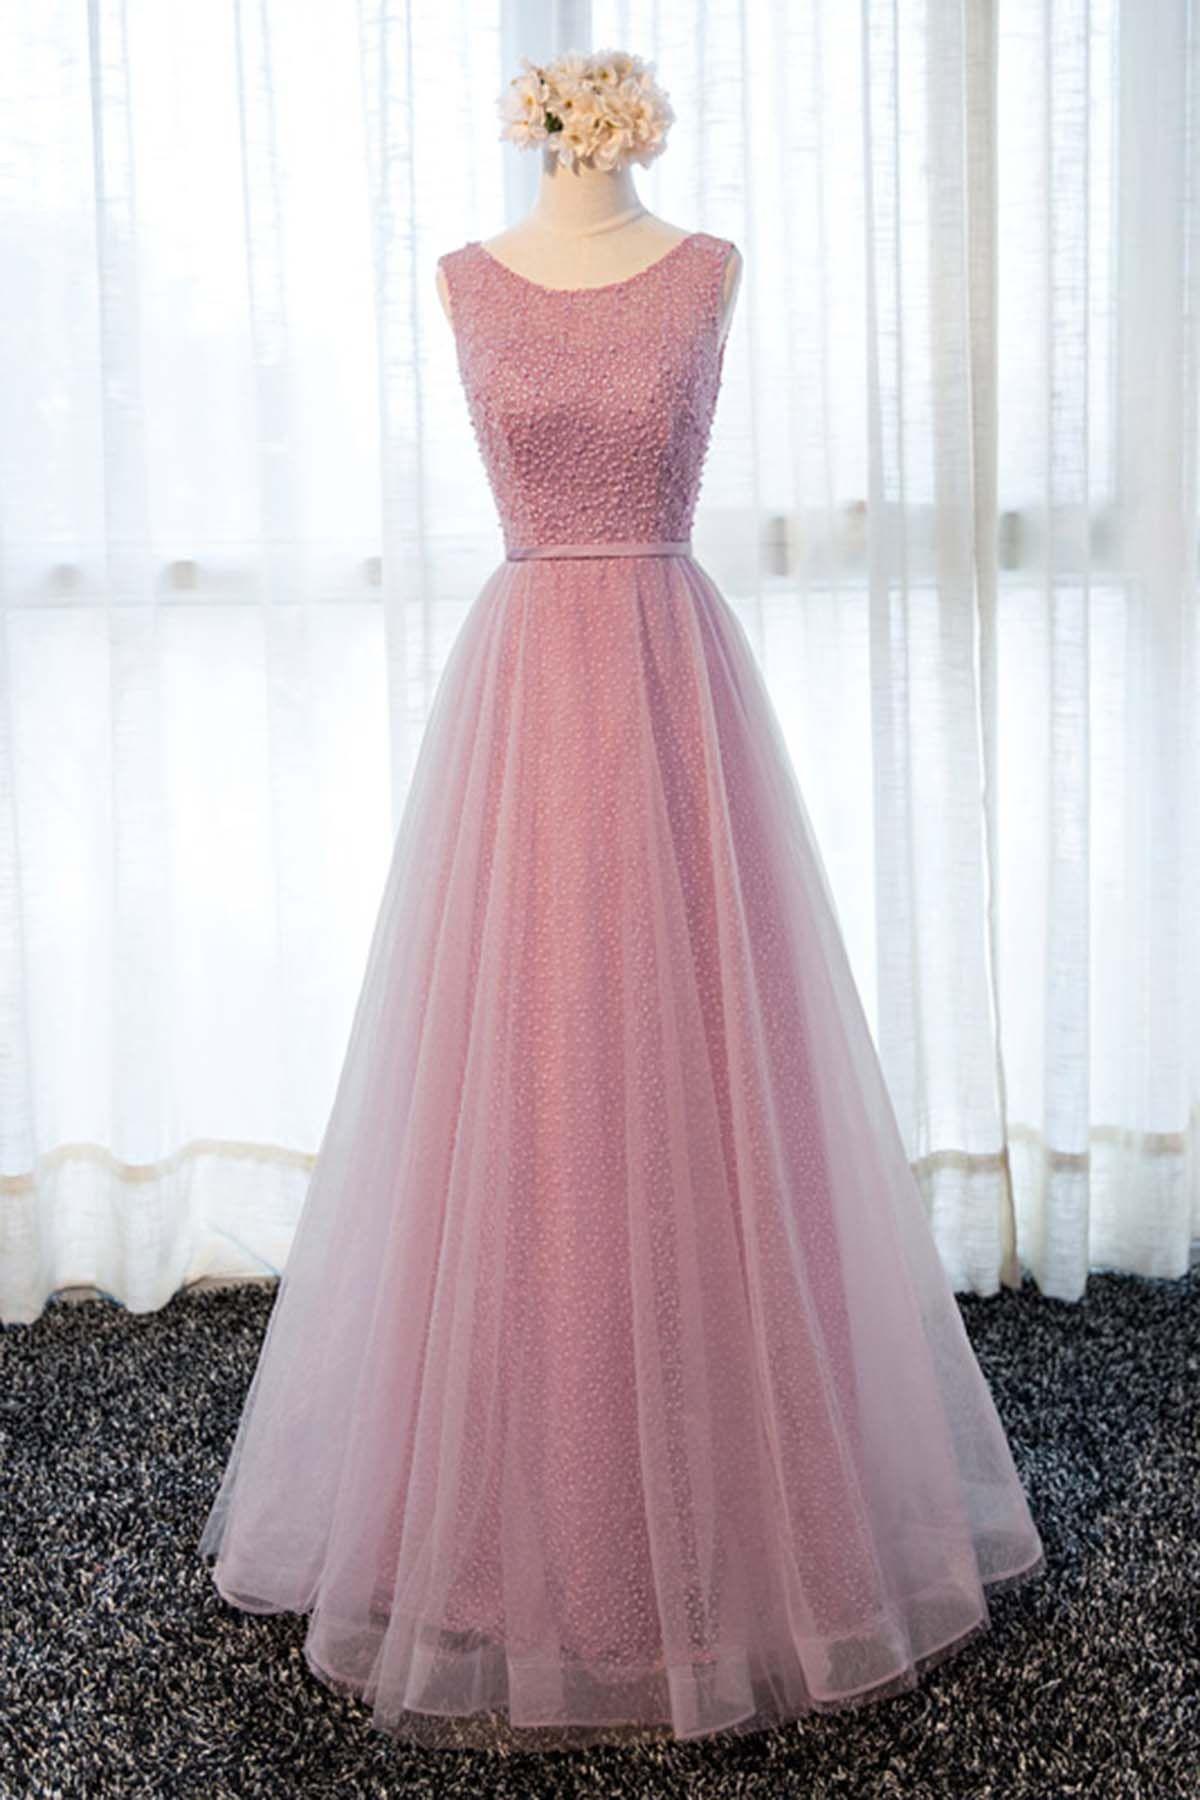 Lujo Build A Prom Dress Fotos - Colección de Vestidos de Boda ...